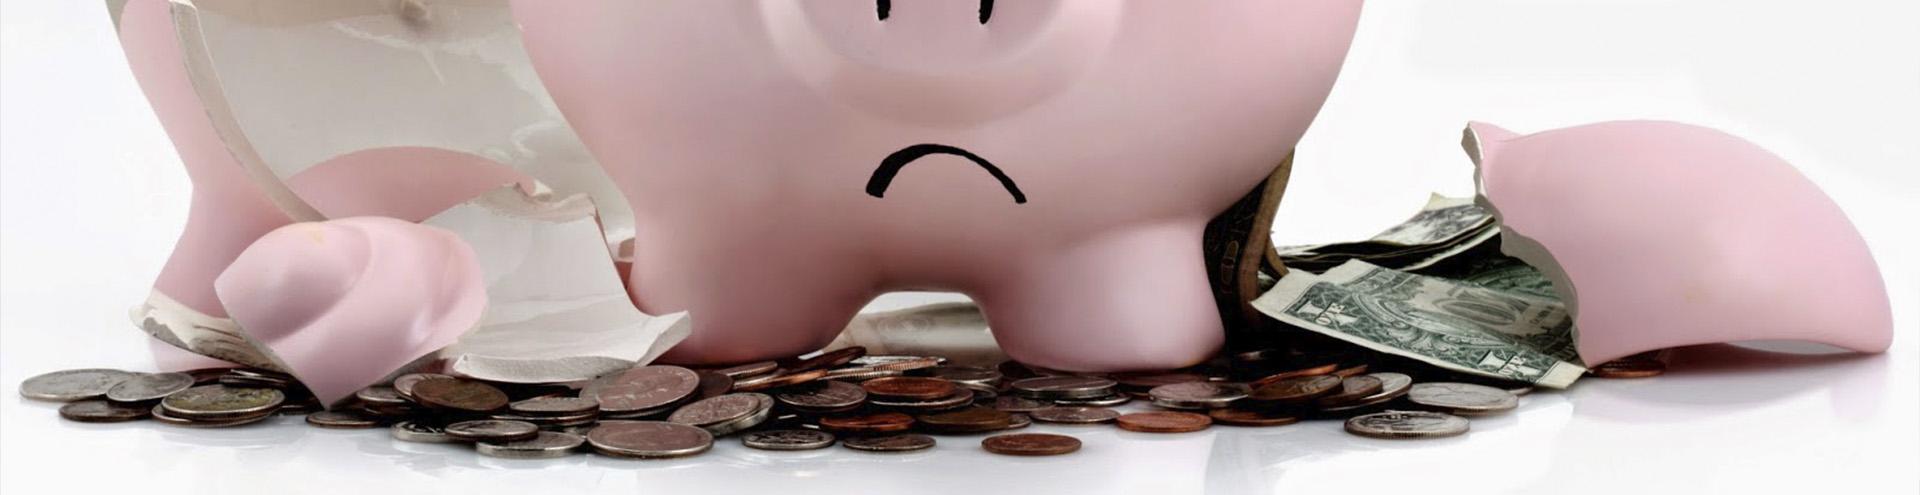 банкротство банка в Чебоксарах и Чувашской Республике